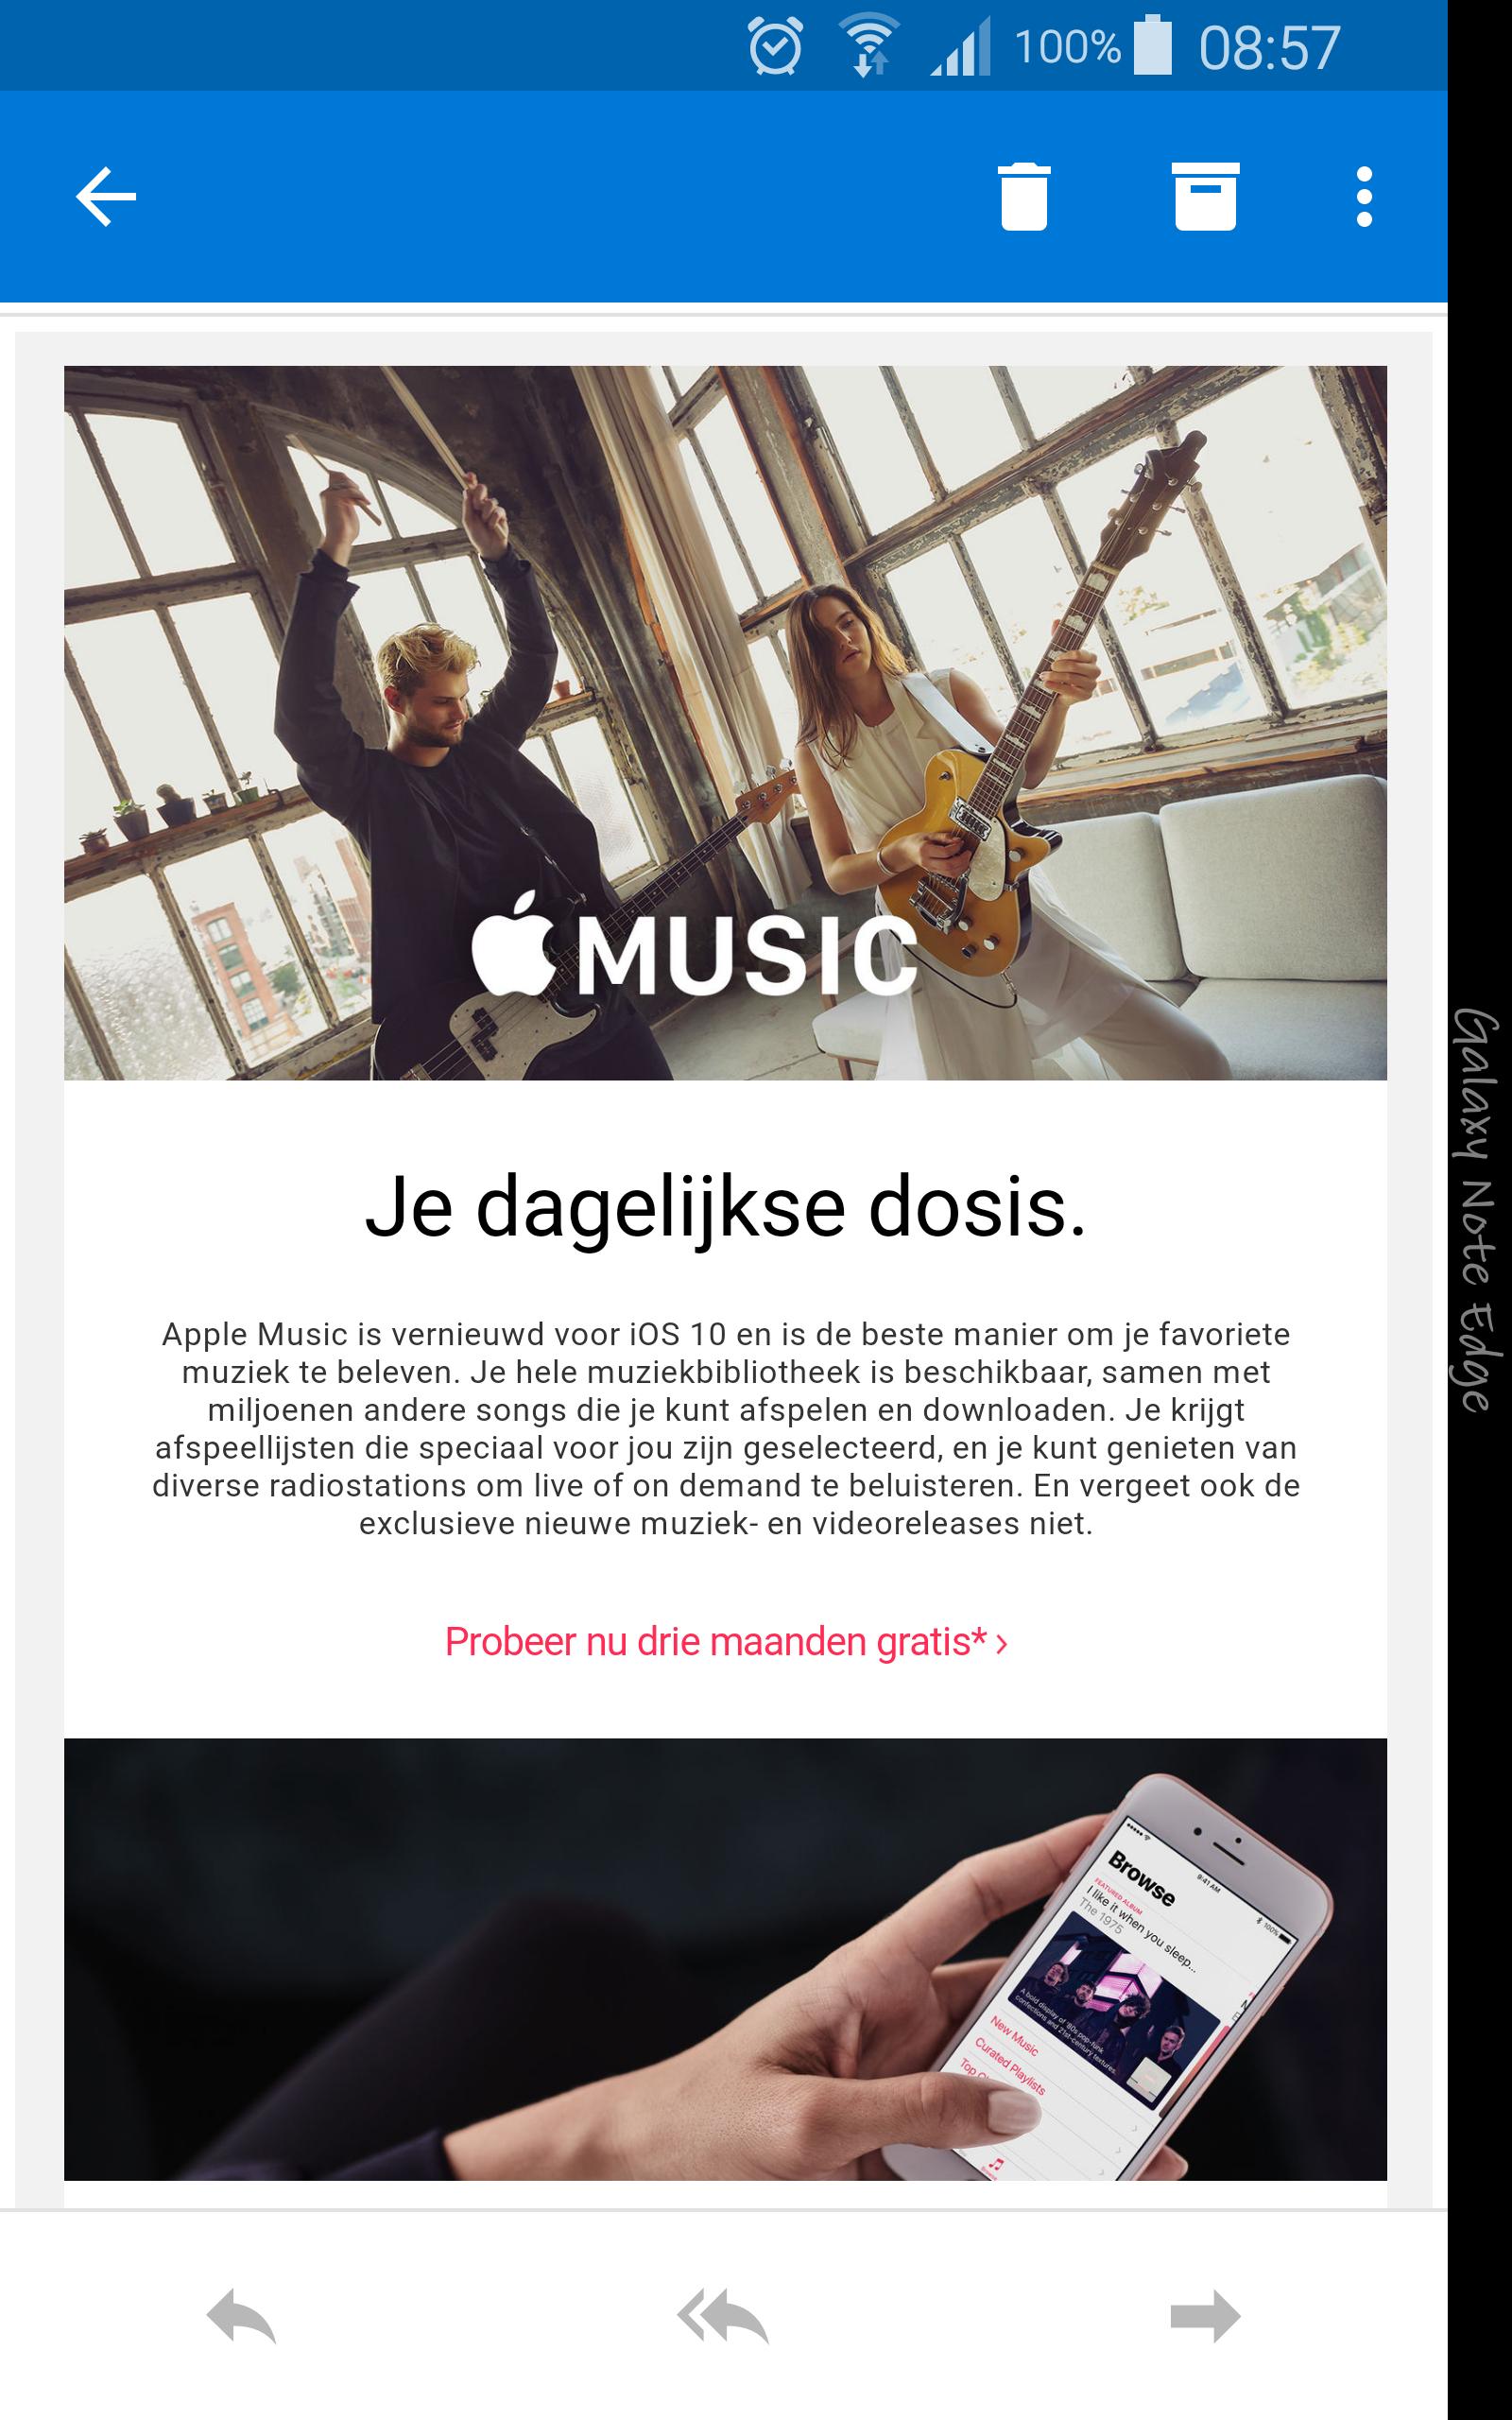 Gratis 3 maanden @Apple Music